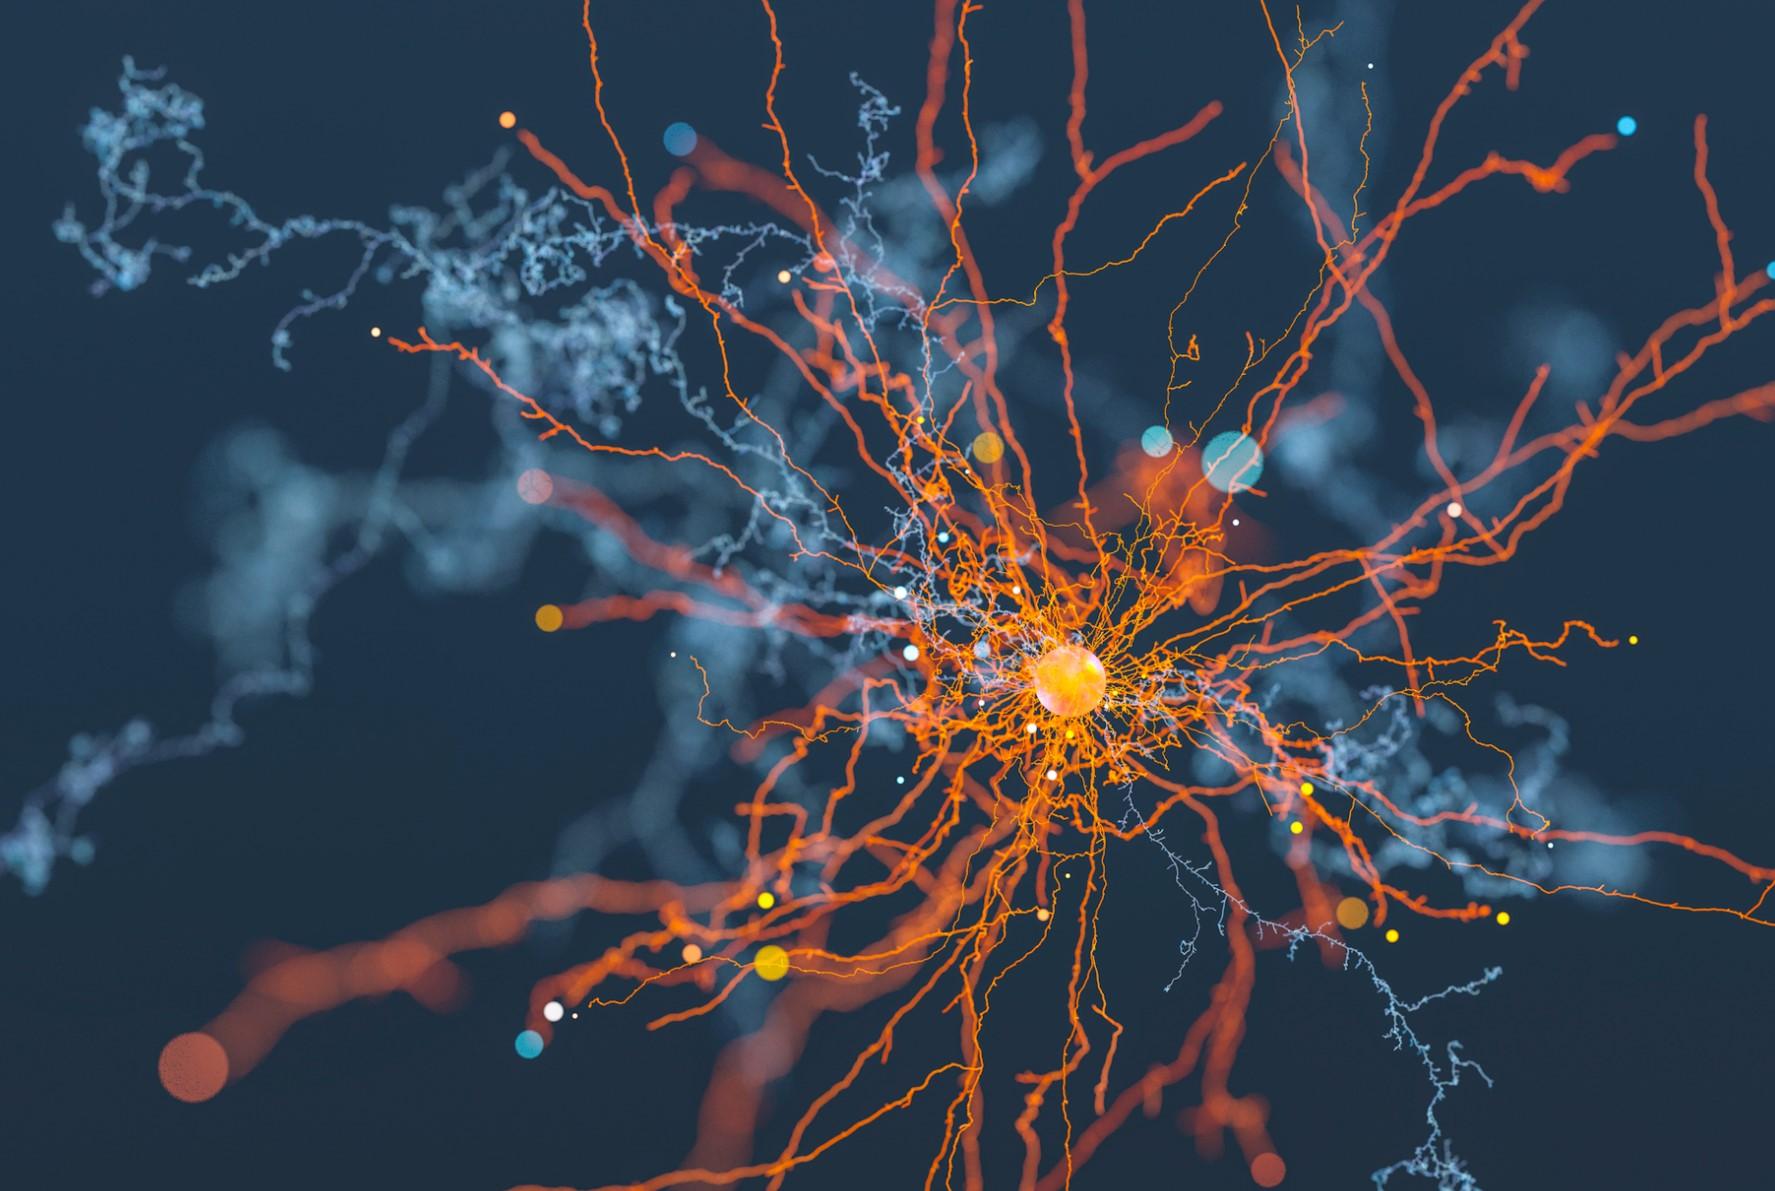 Учёные запишут данные с 1 миллиона нейронов в реальном времени - 1